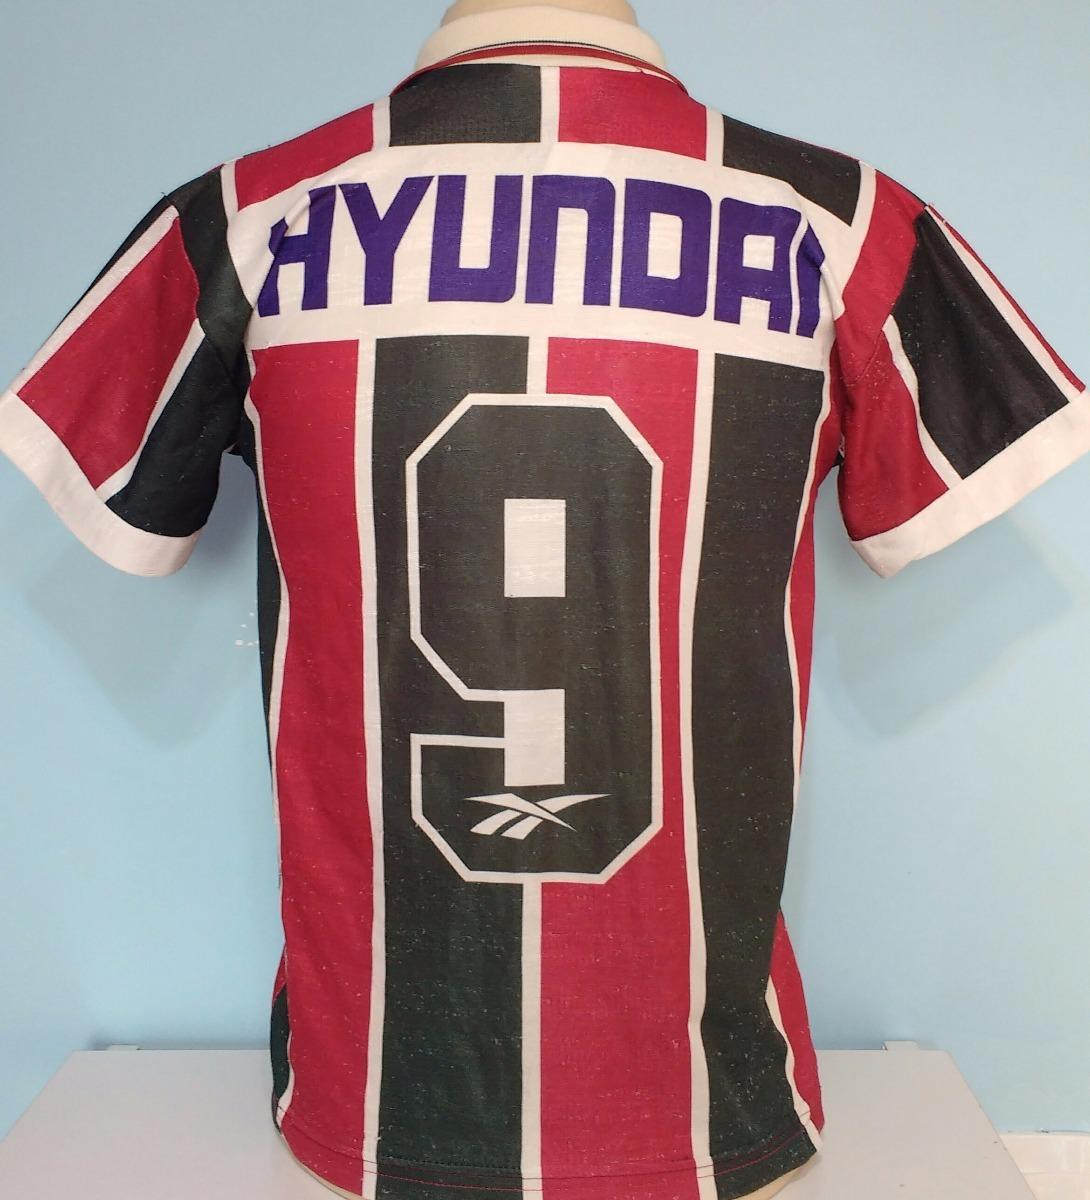 camisa do fluminense antiga reebok campeão carioca 1995 - 95. Carregando  zoom. 4f48e7158f238